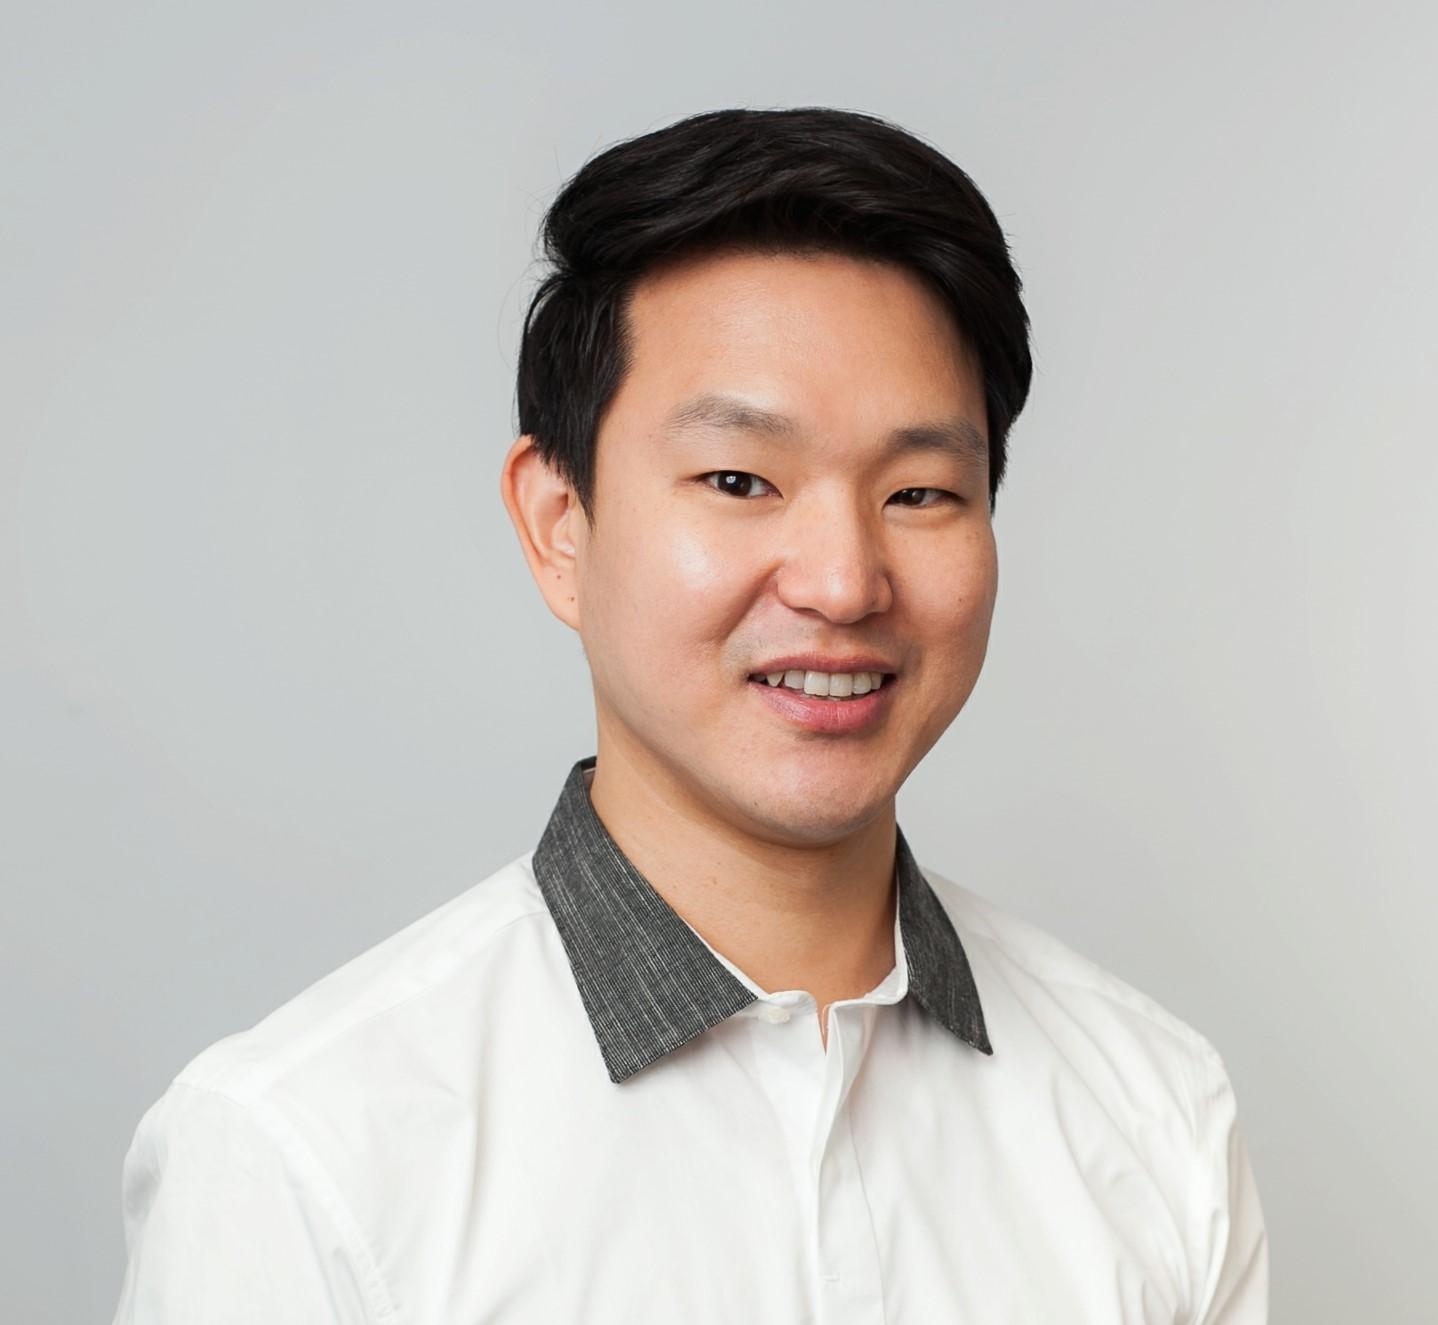 Kevin Hwang